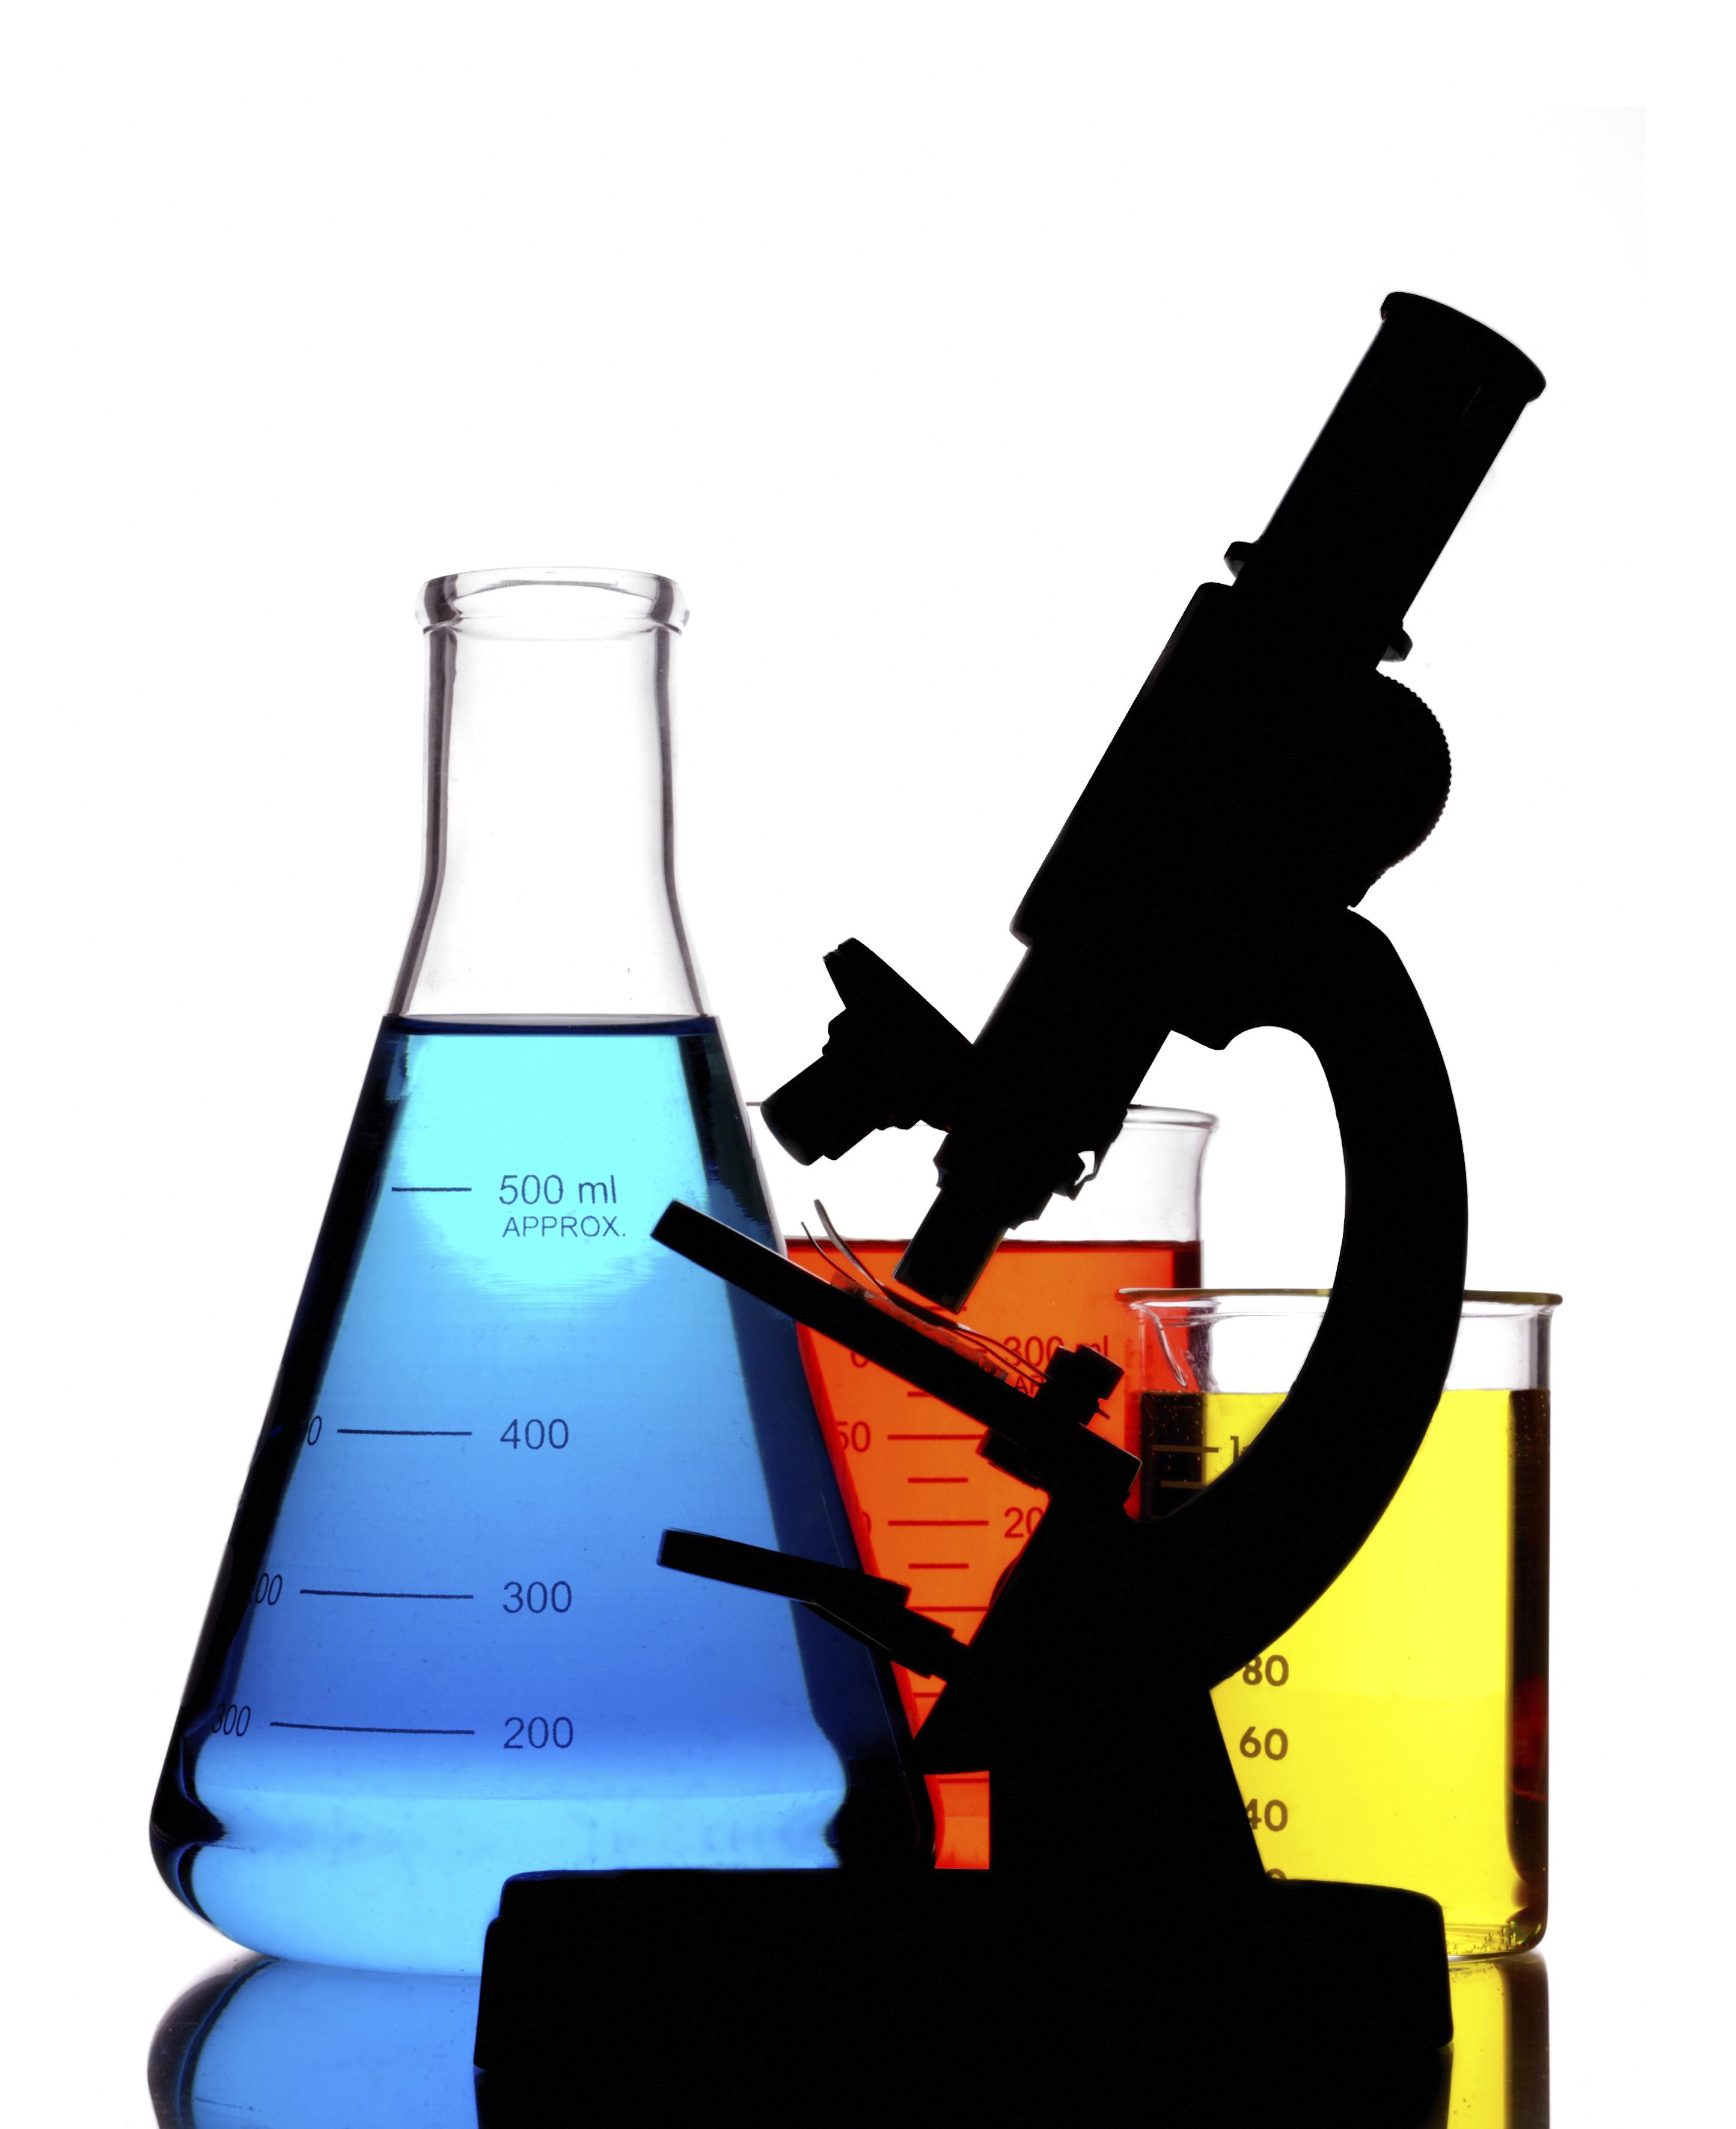 Microscope - Cliparts.co